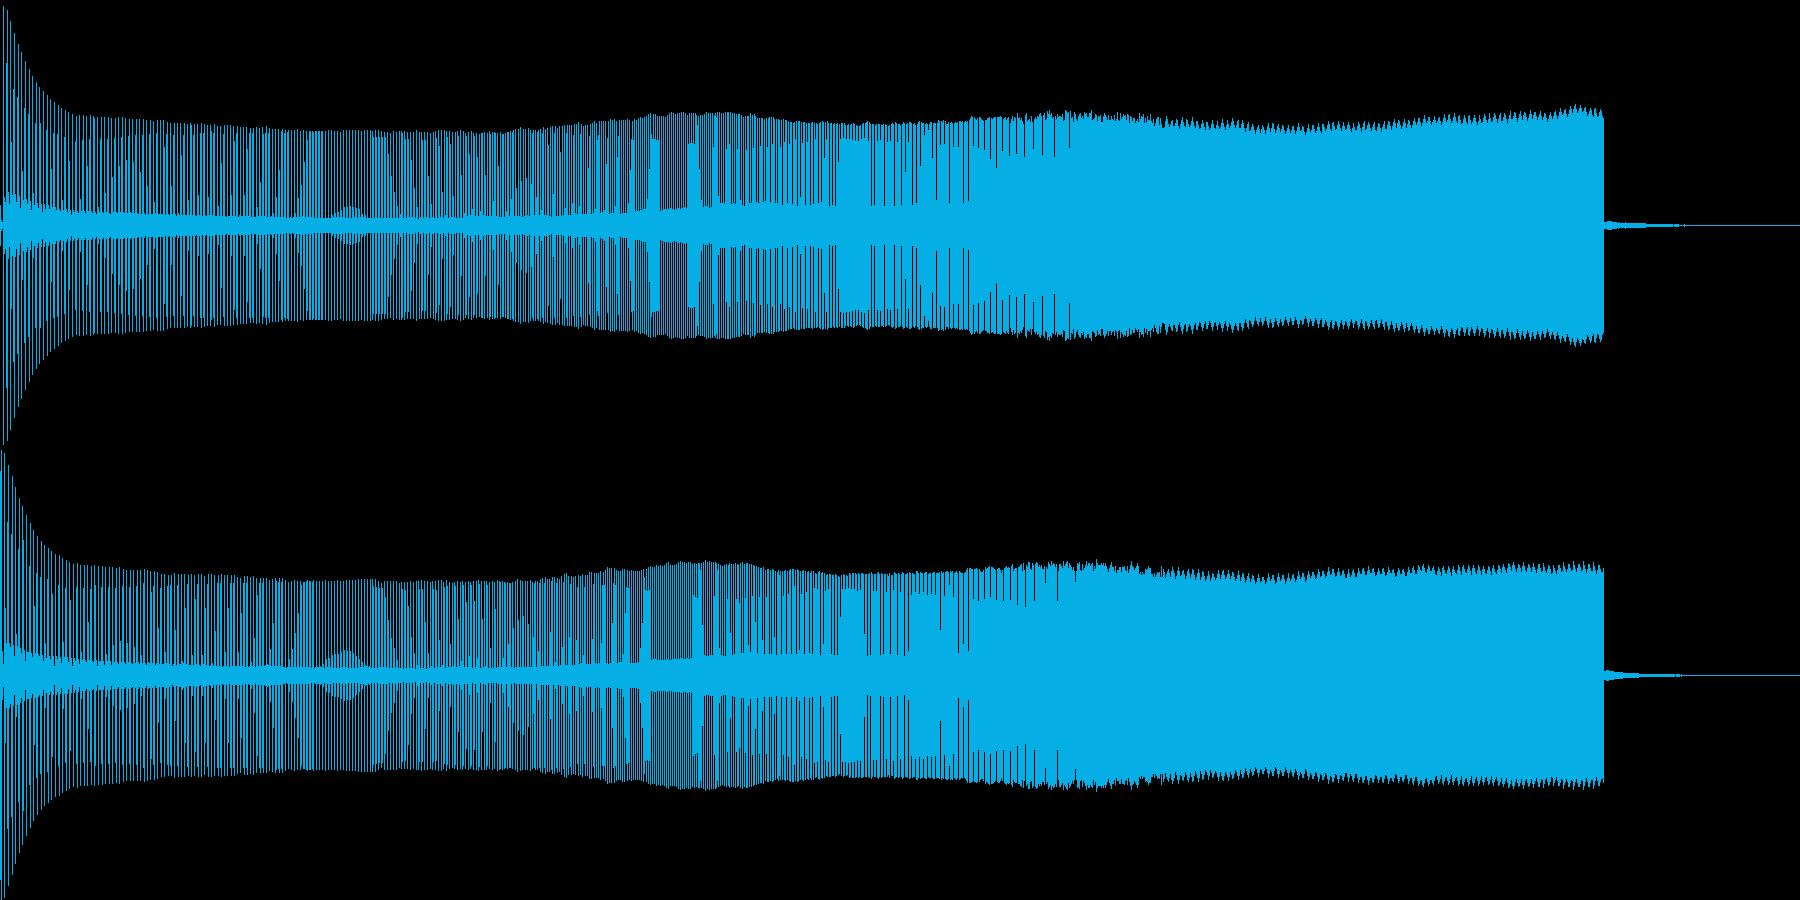 8ビット風上昇音の再生済みの波形